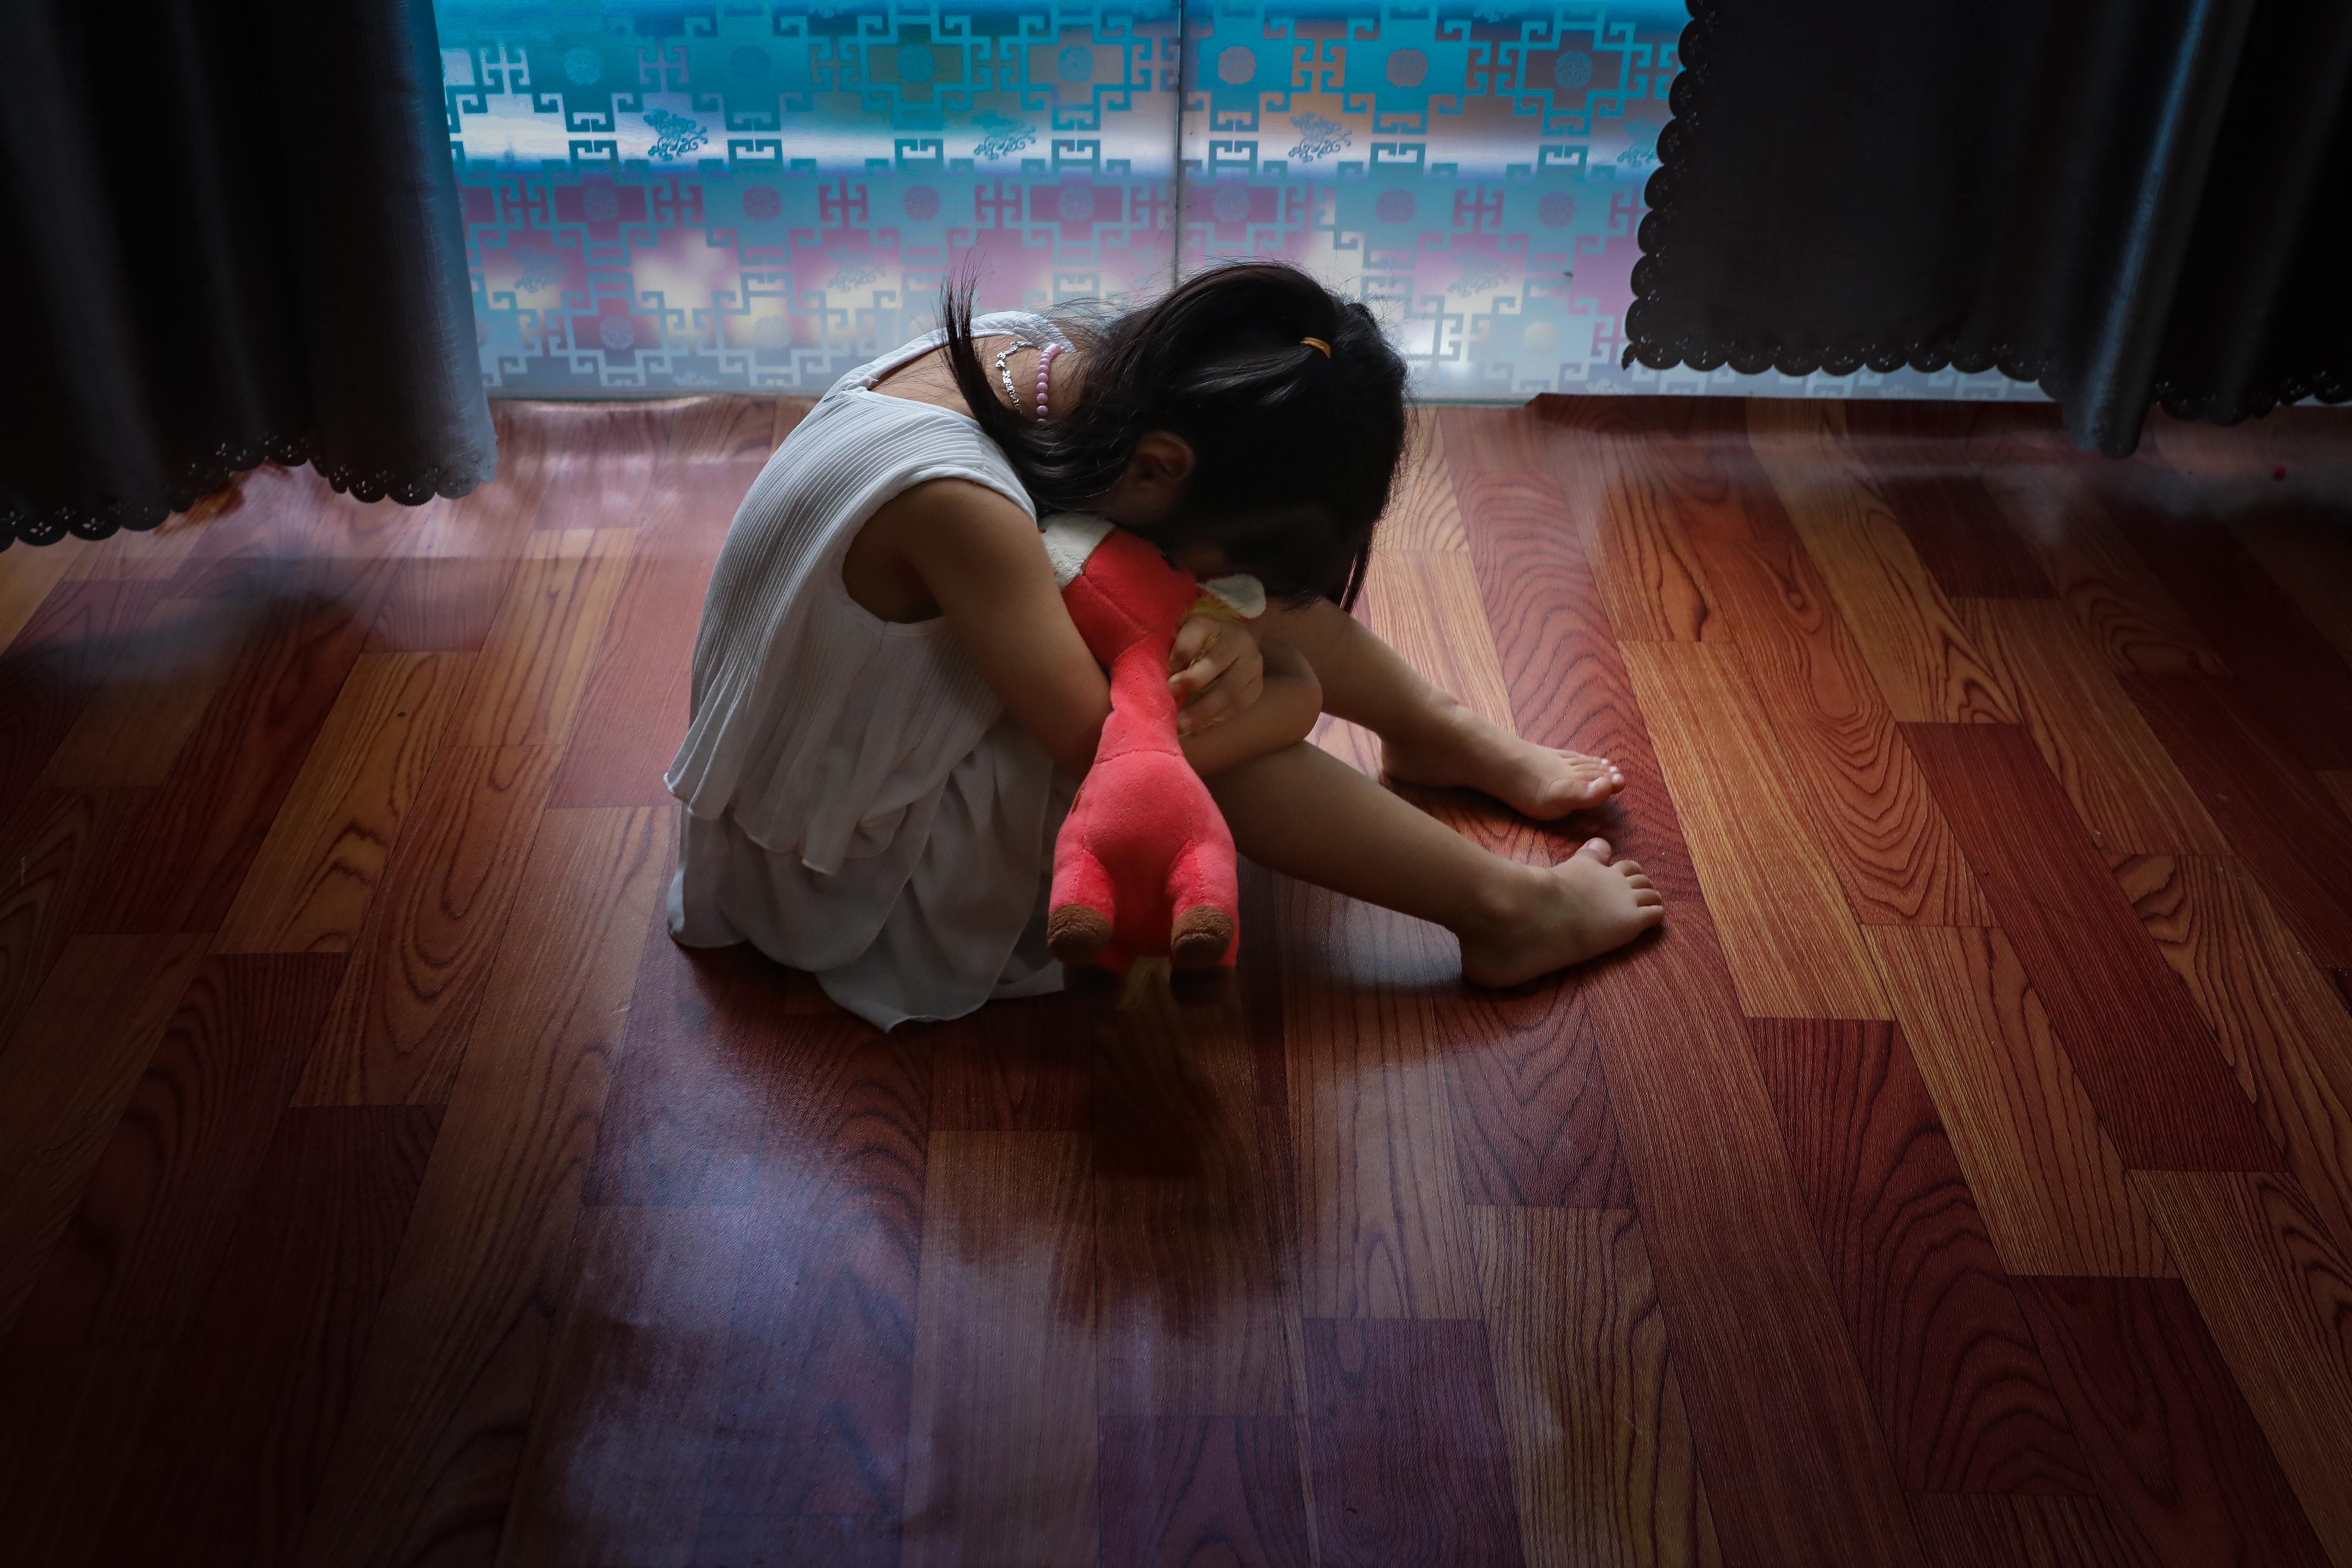 Trẻ em là đối tượng cần phải được bảo vệ, dù trong bất kỳ hoàn cảnh nào. Ảnh: Quang Vinh.